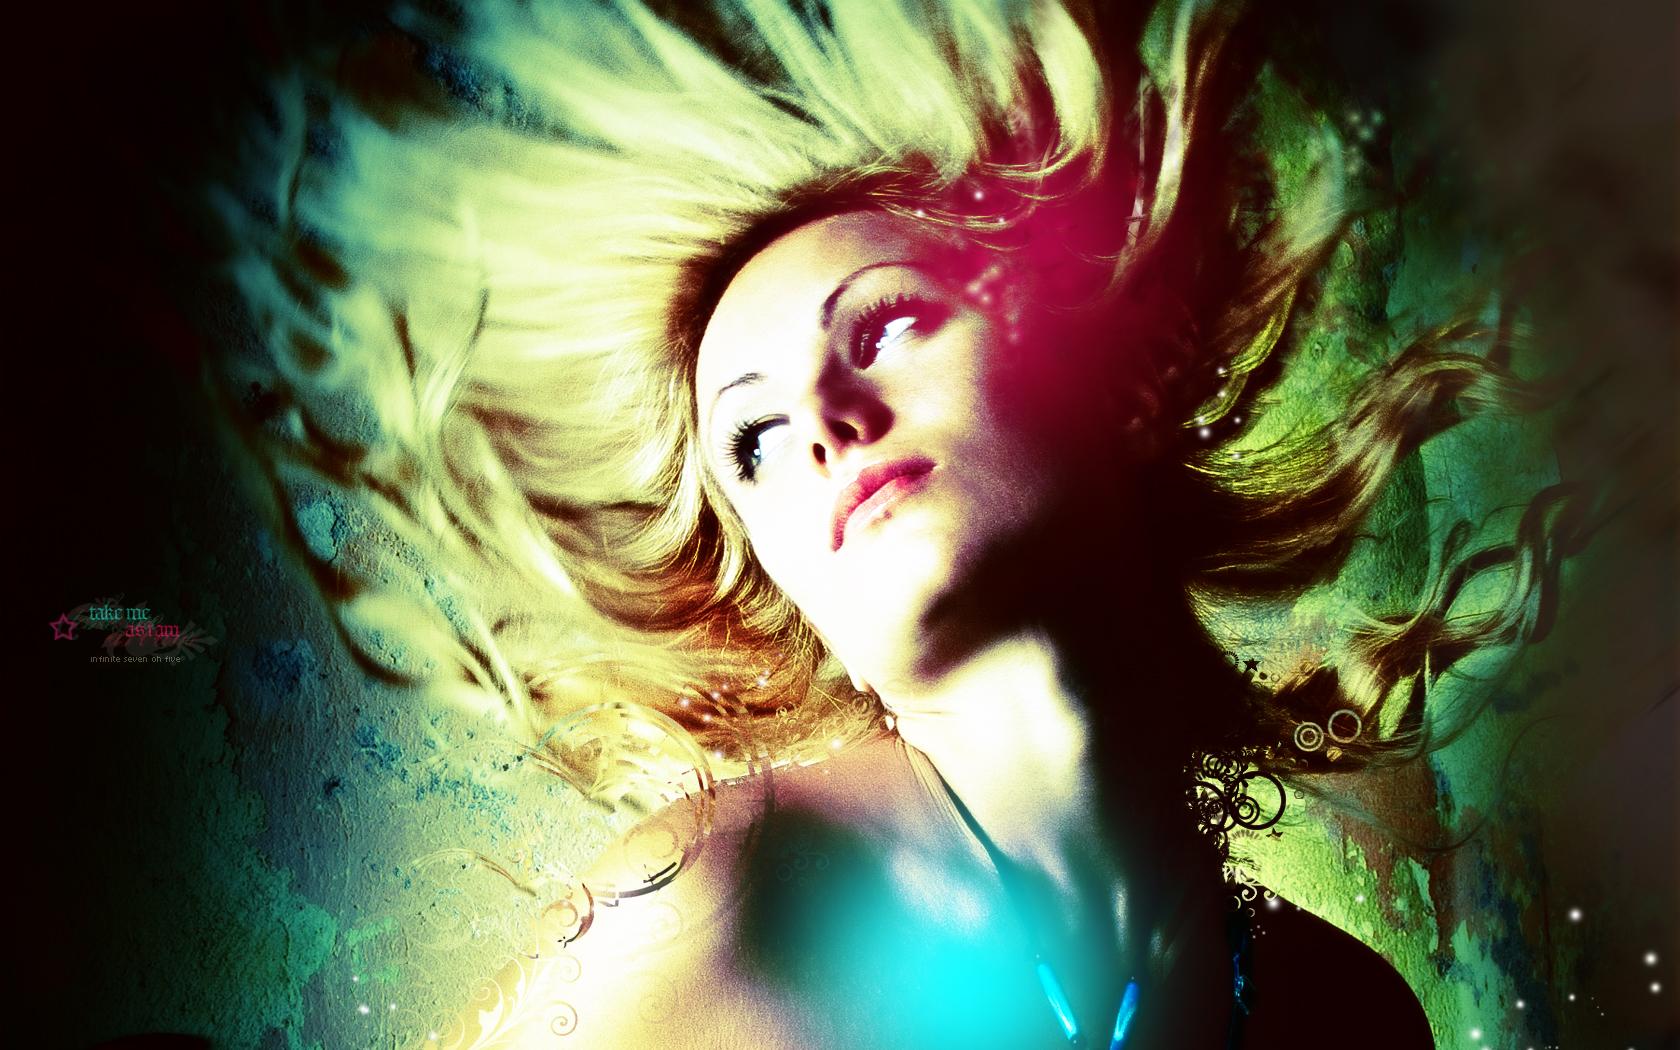 Fond d 39 ecran hair in the air wallpaper for Fond ecran jolie fille